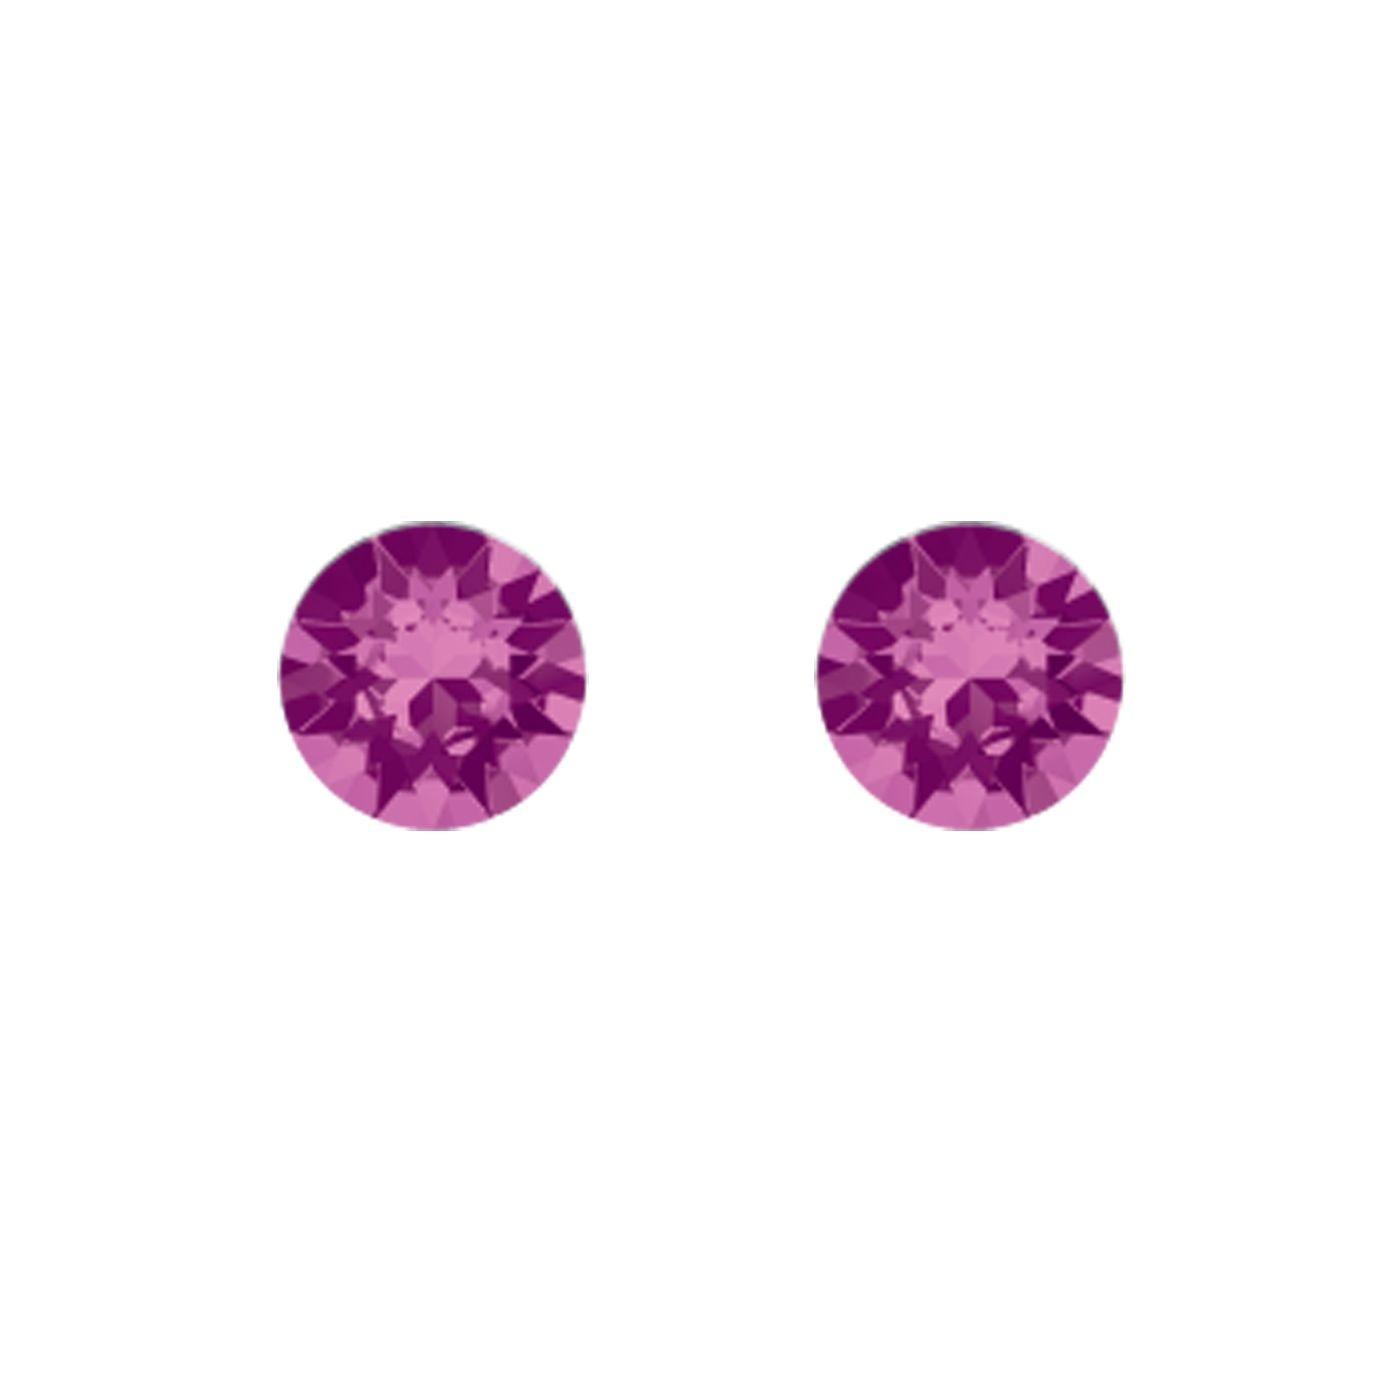 Boucles d'oreilles Indicolite Ronde en argent et cristaux Swarovski roses